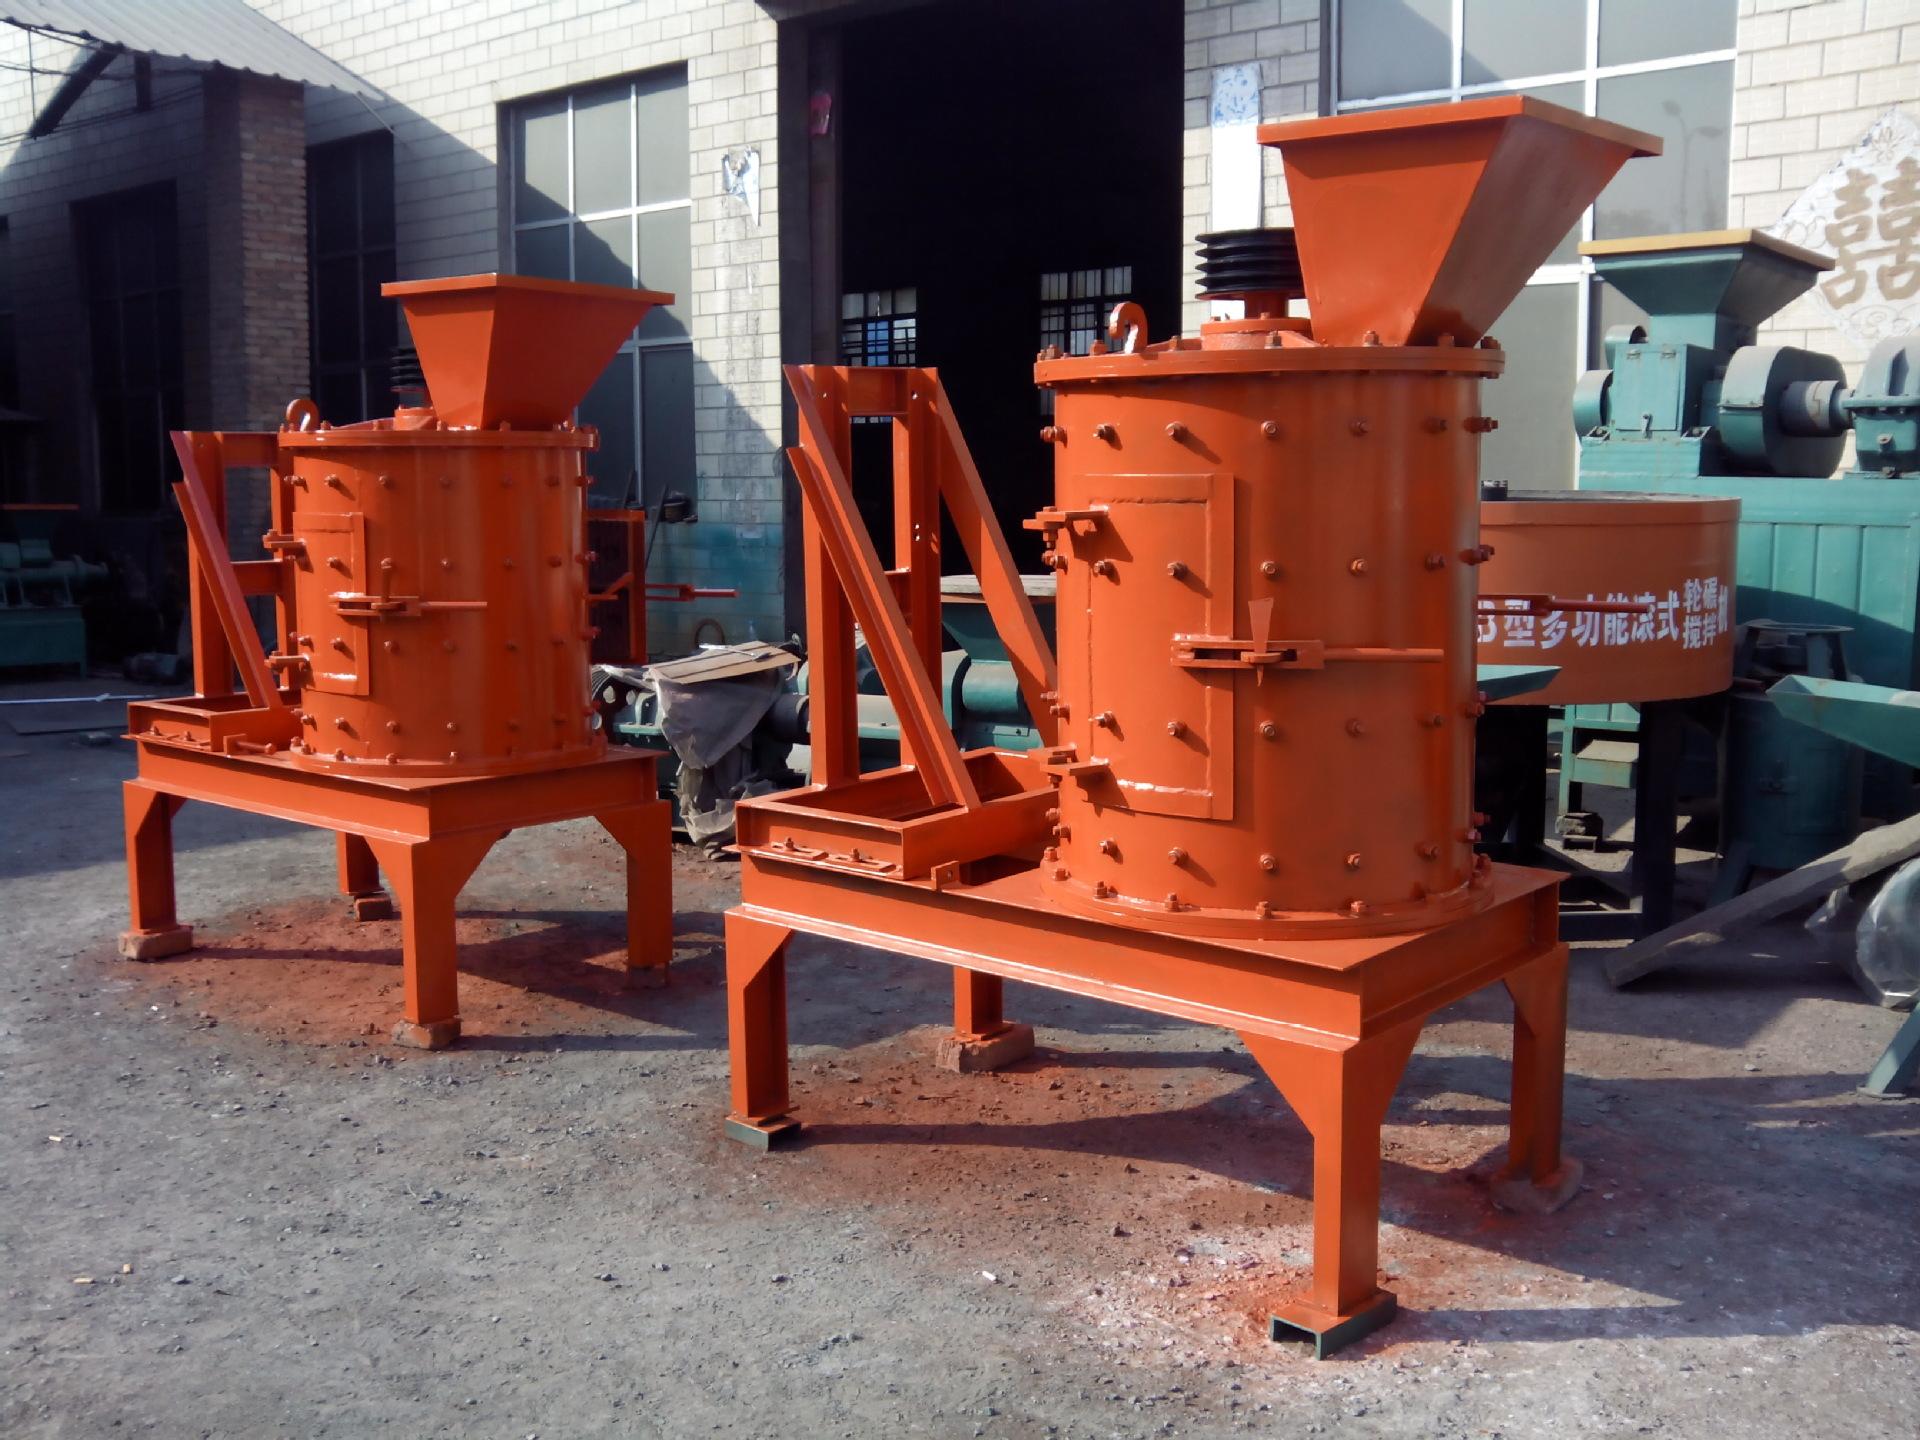 供应立式破碎机生产厂家/大型粉煤机产量/立式破碎机型号参数